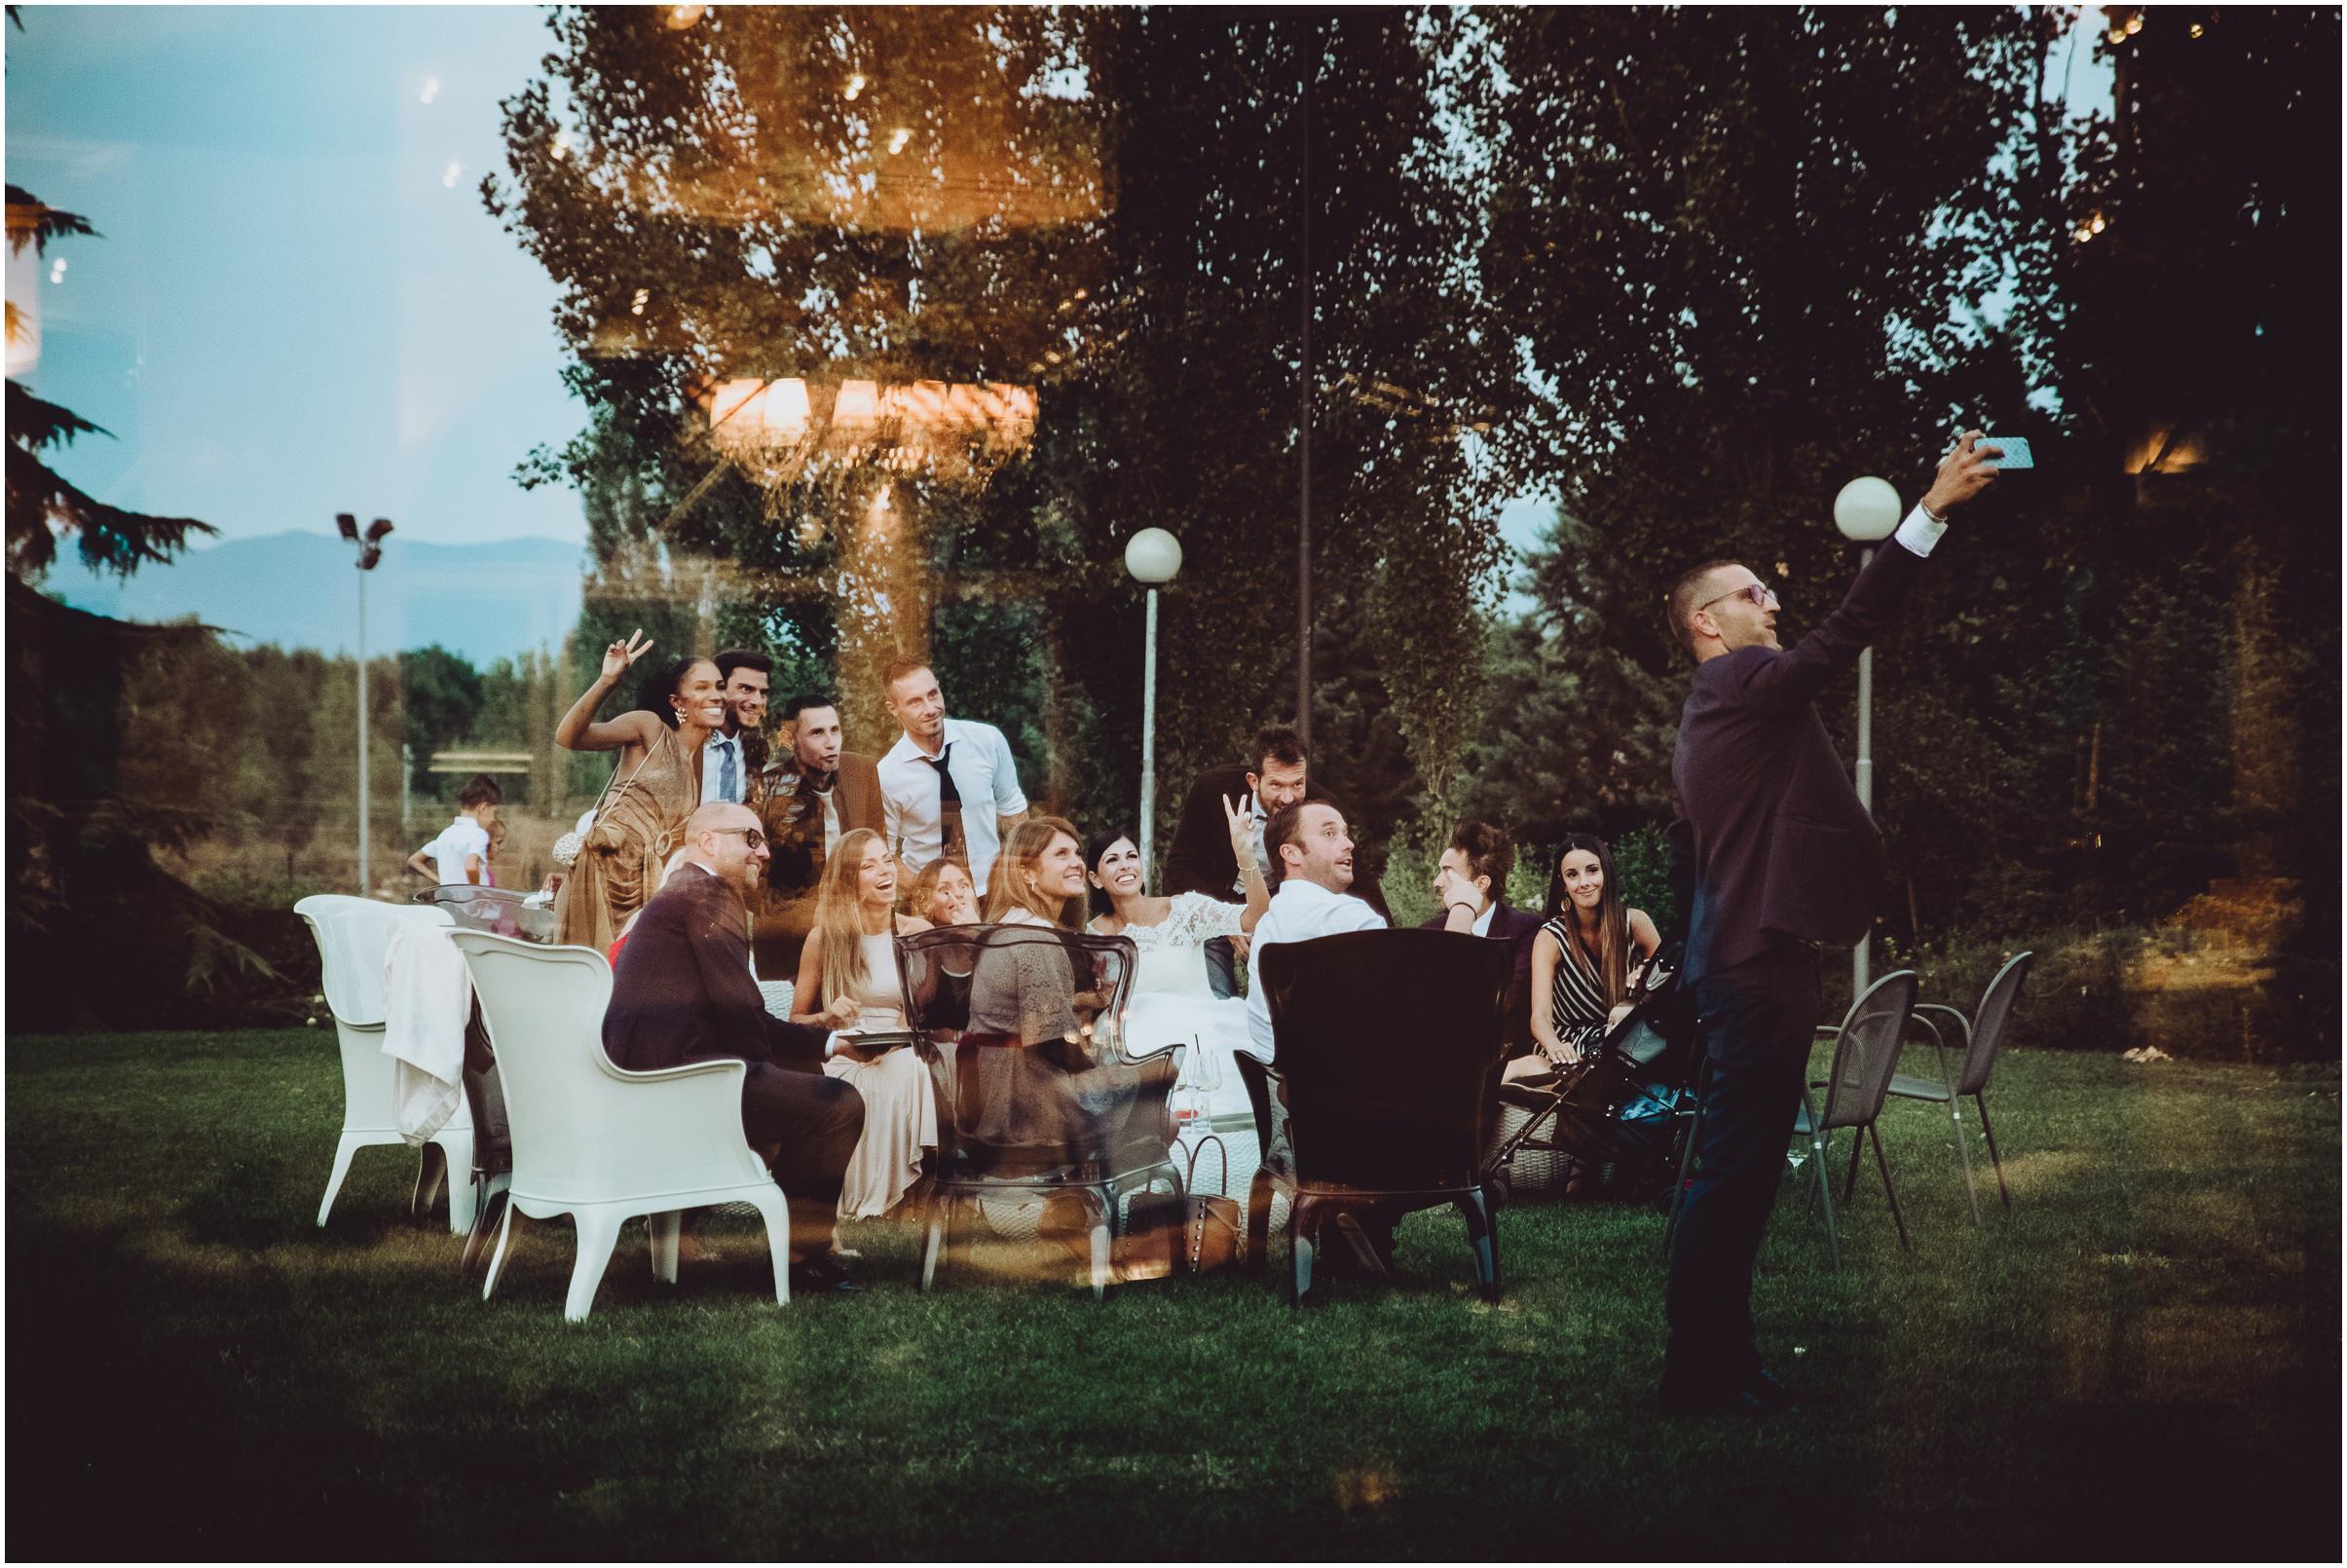 WEDDING-PHOTOGRAPHY-SARA-LORENZONI-FOTOGRAFIA-MATRIMONIO-AREZZO-TUSCANY-EVENTO-LE-SPOSE-DI-GIANNI-ELISA-LUCA053